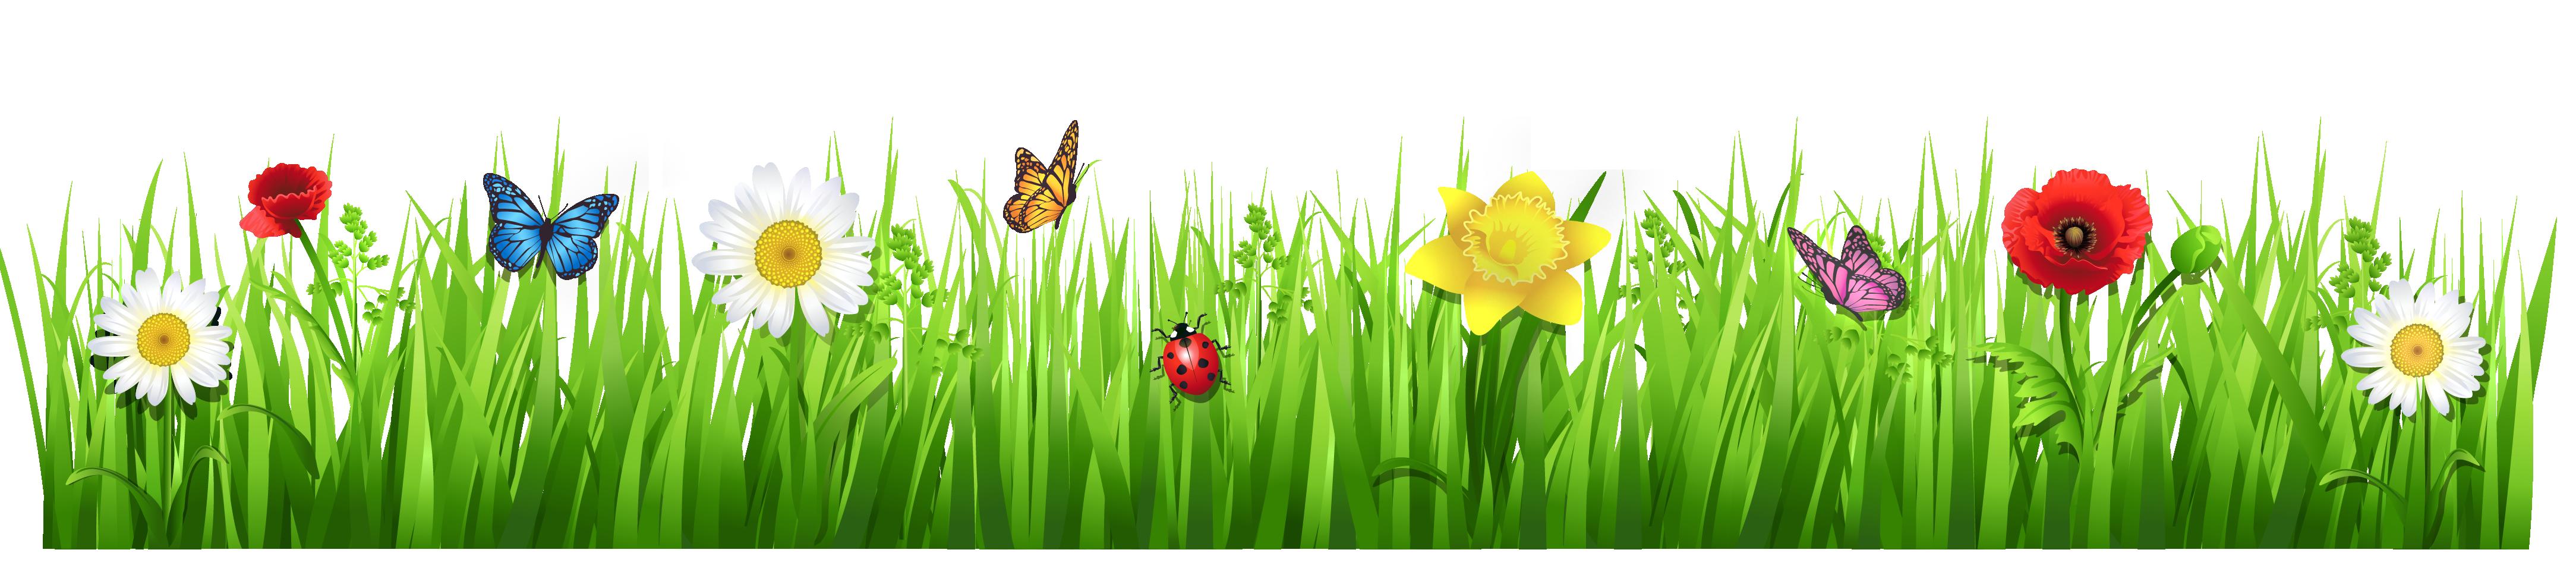 grass clip art 10966 [ 4335 x 972 Pixel ]